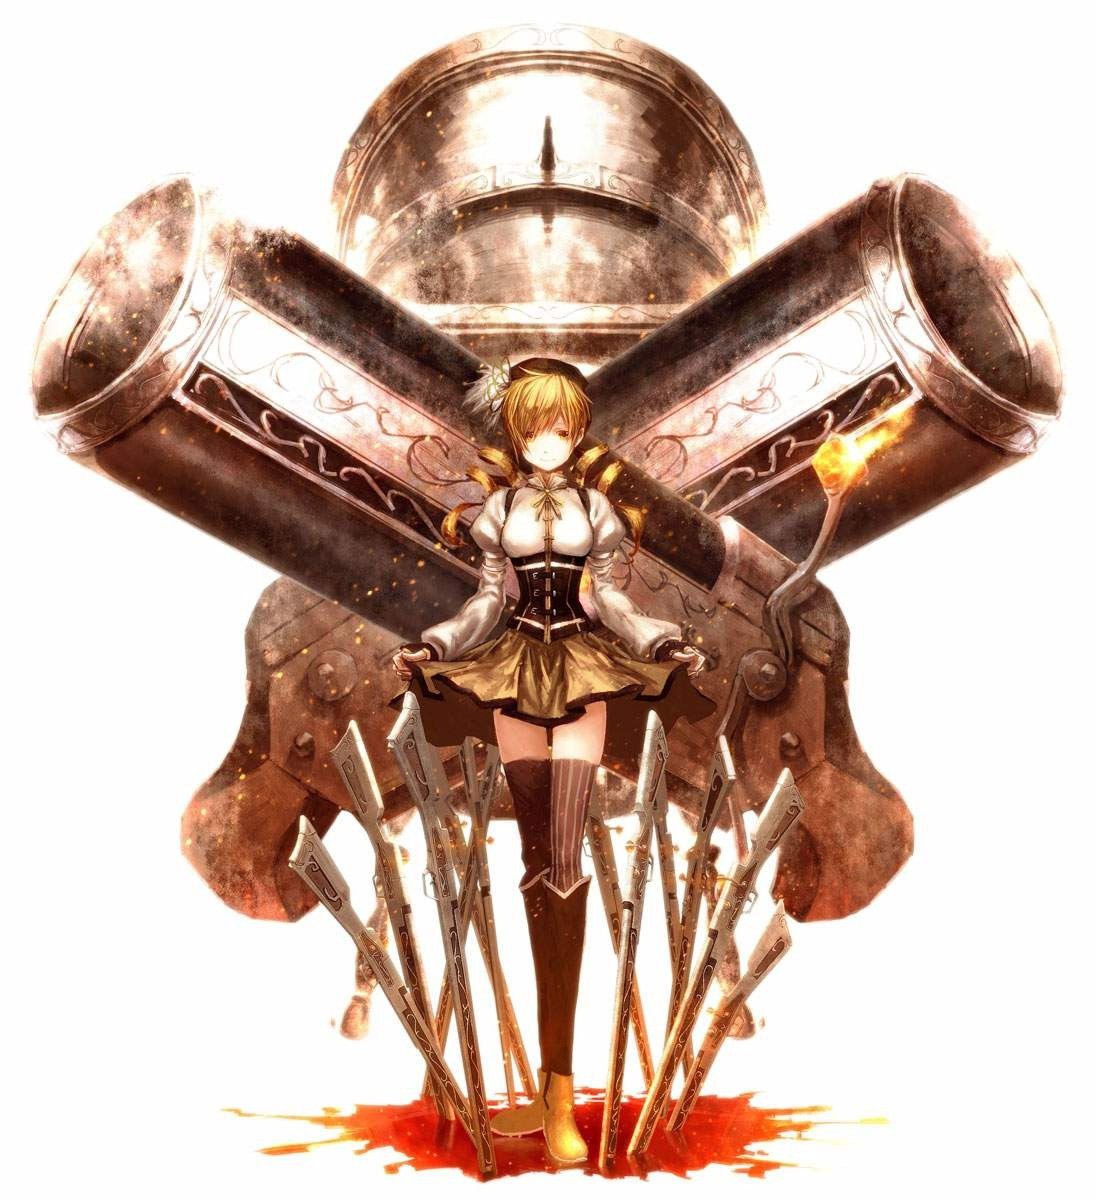 【アームズガールエロ画像】武器持った美少女に胸がトキメク男子に贈る二次元イラストまとめ! 24